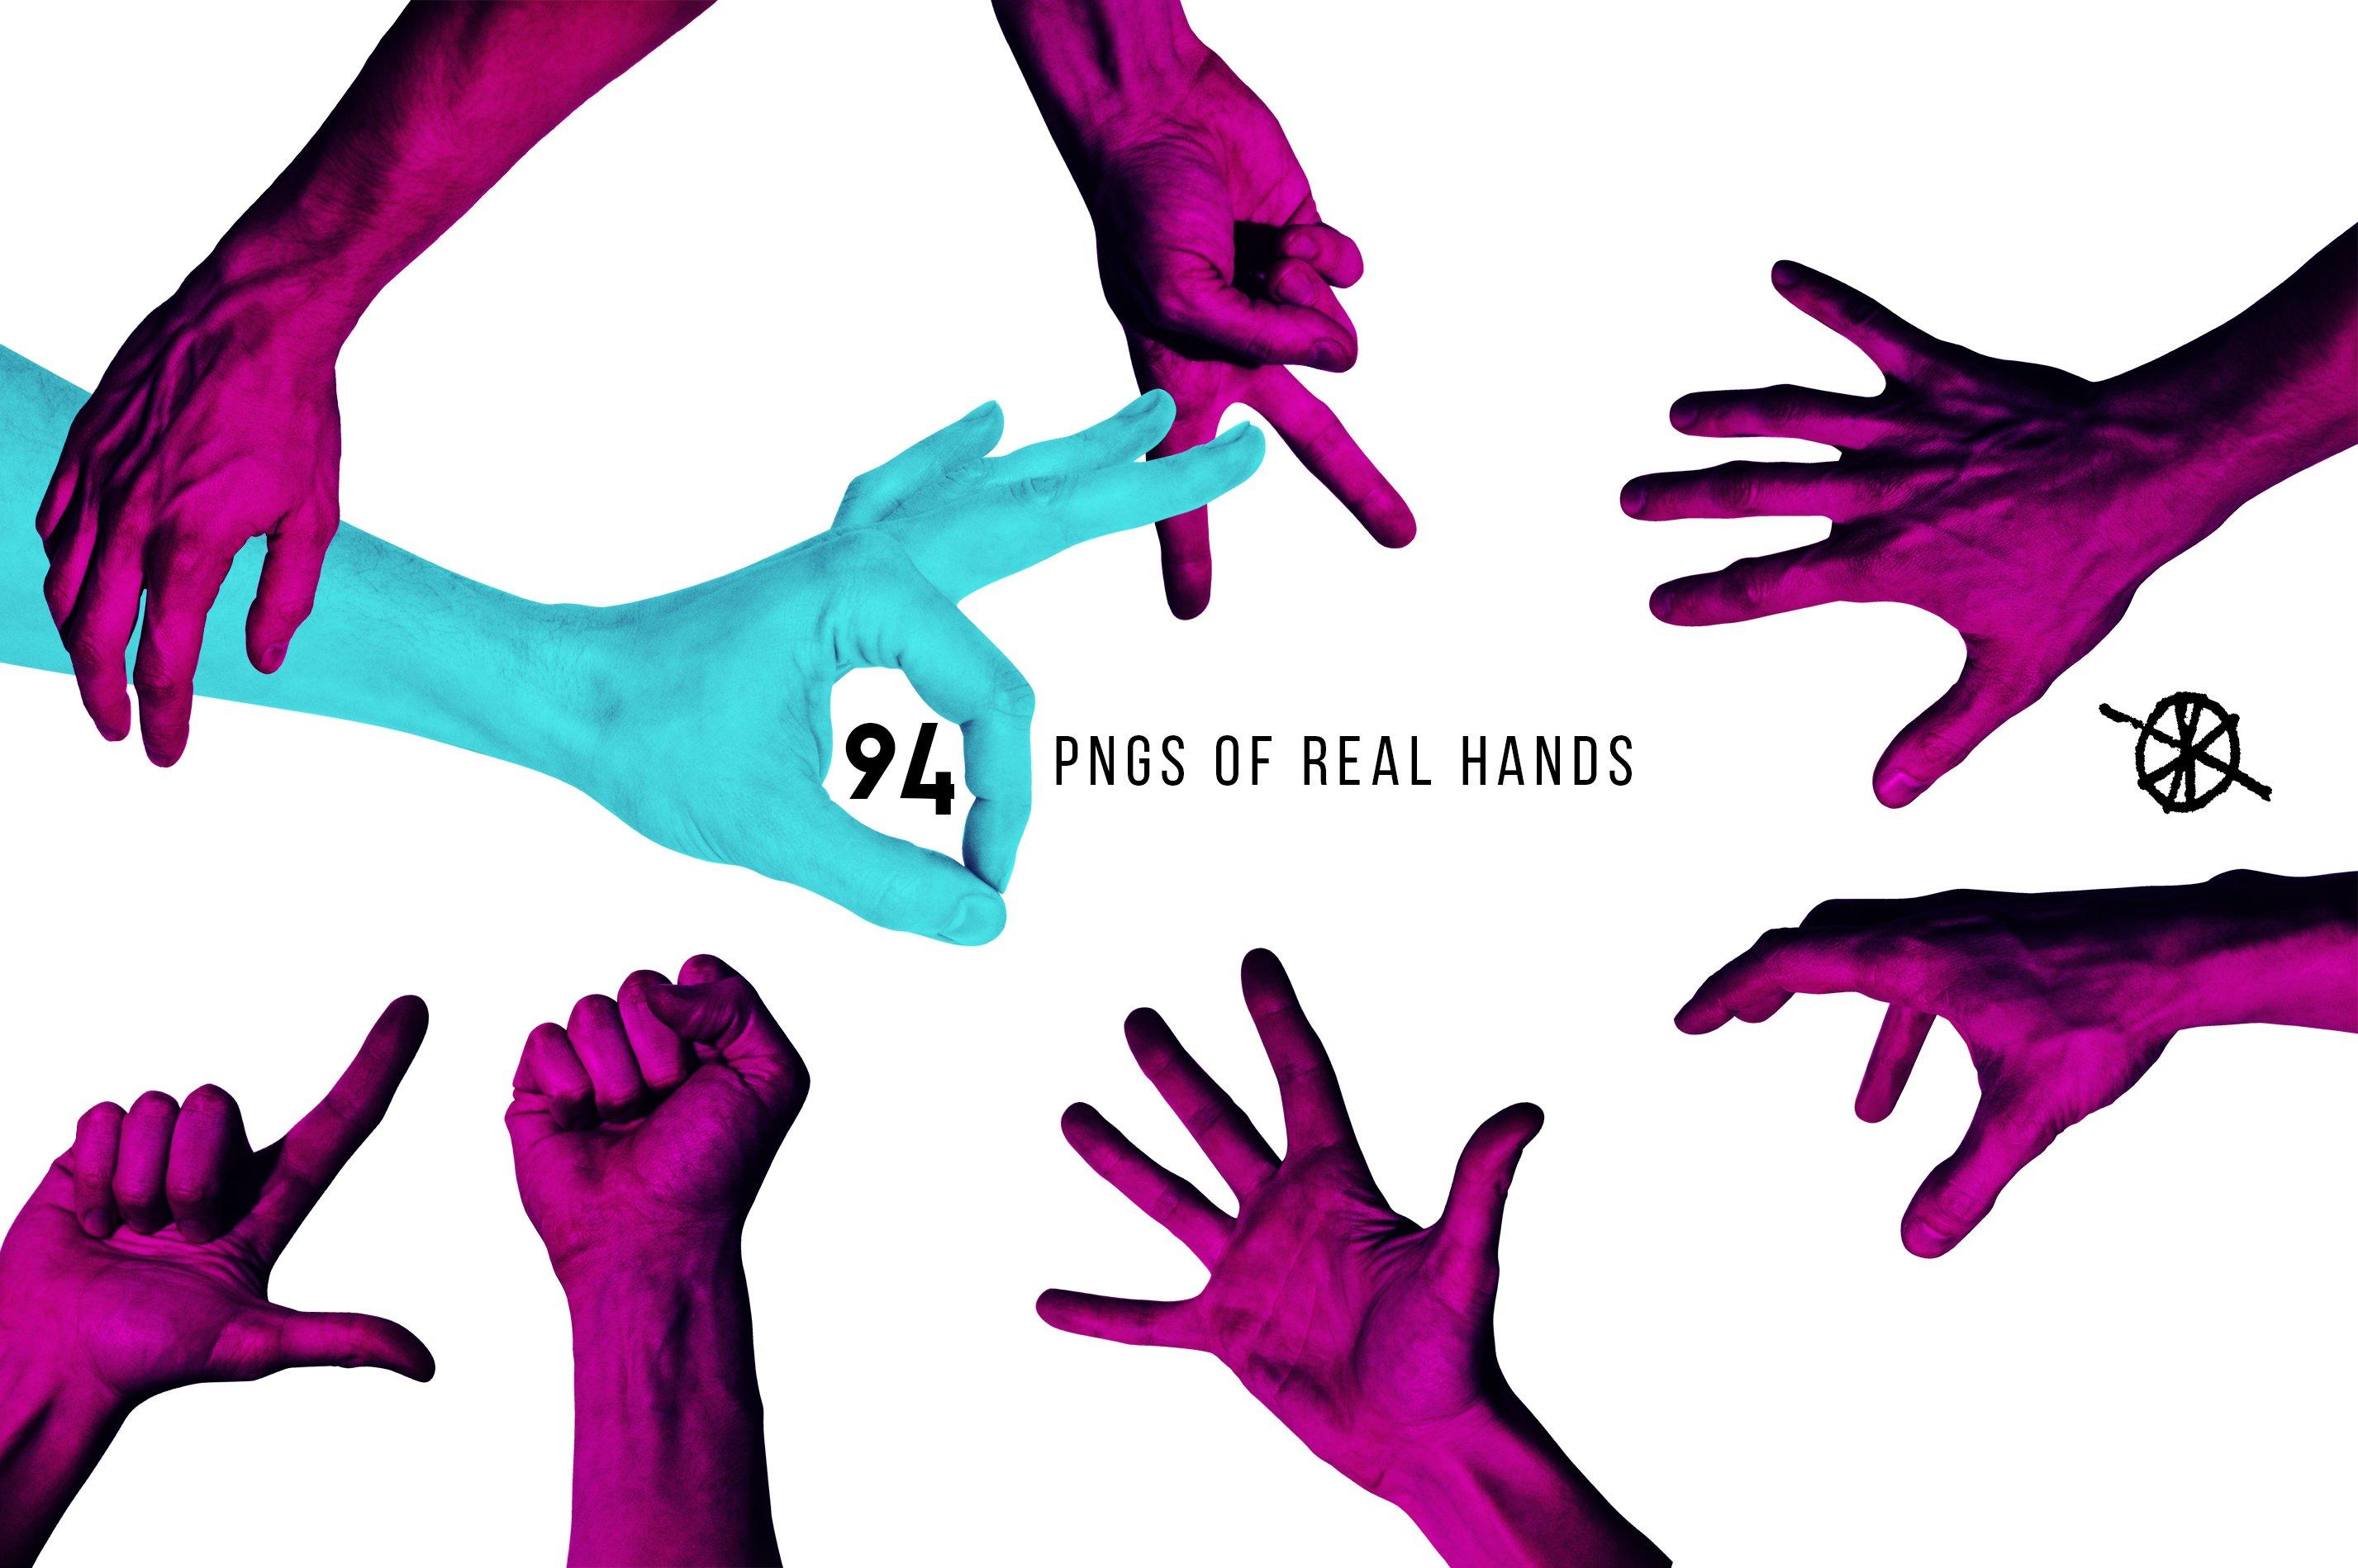 [淘宝购买] 抽象手绘矢量图形手势图片平面海报设计素材集合 Abstract Hands Pattern插图(1)